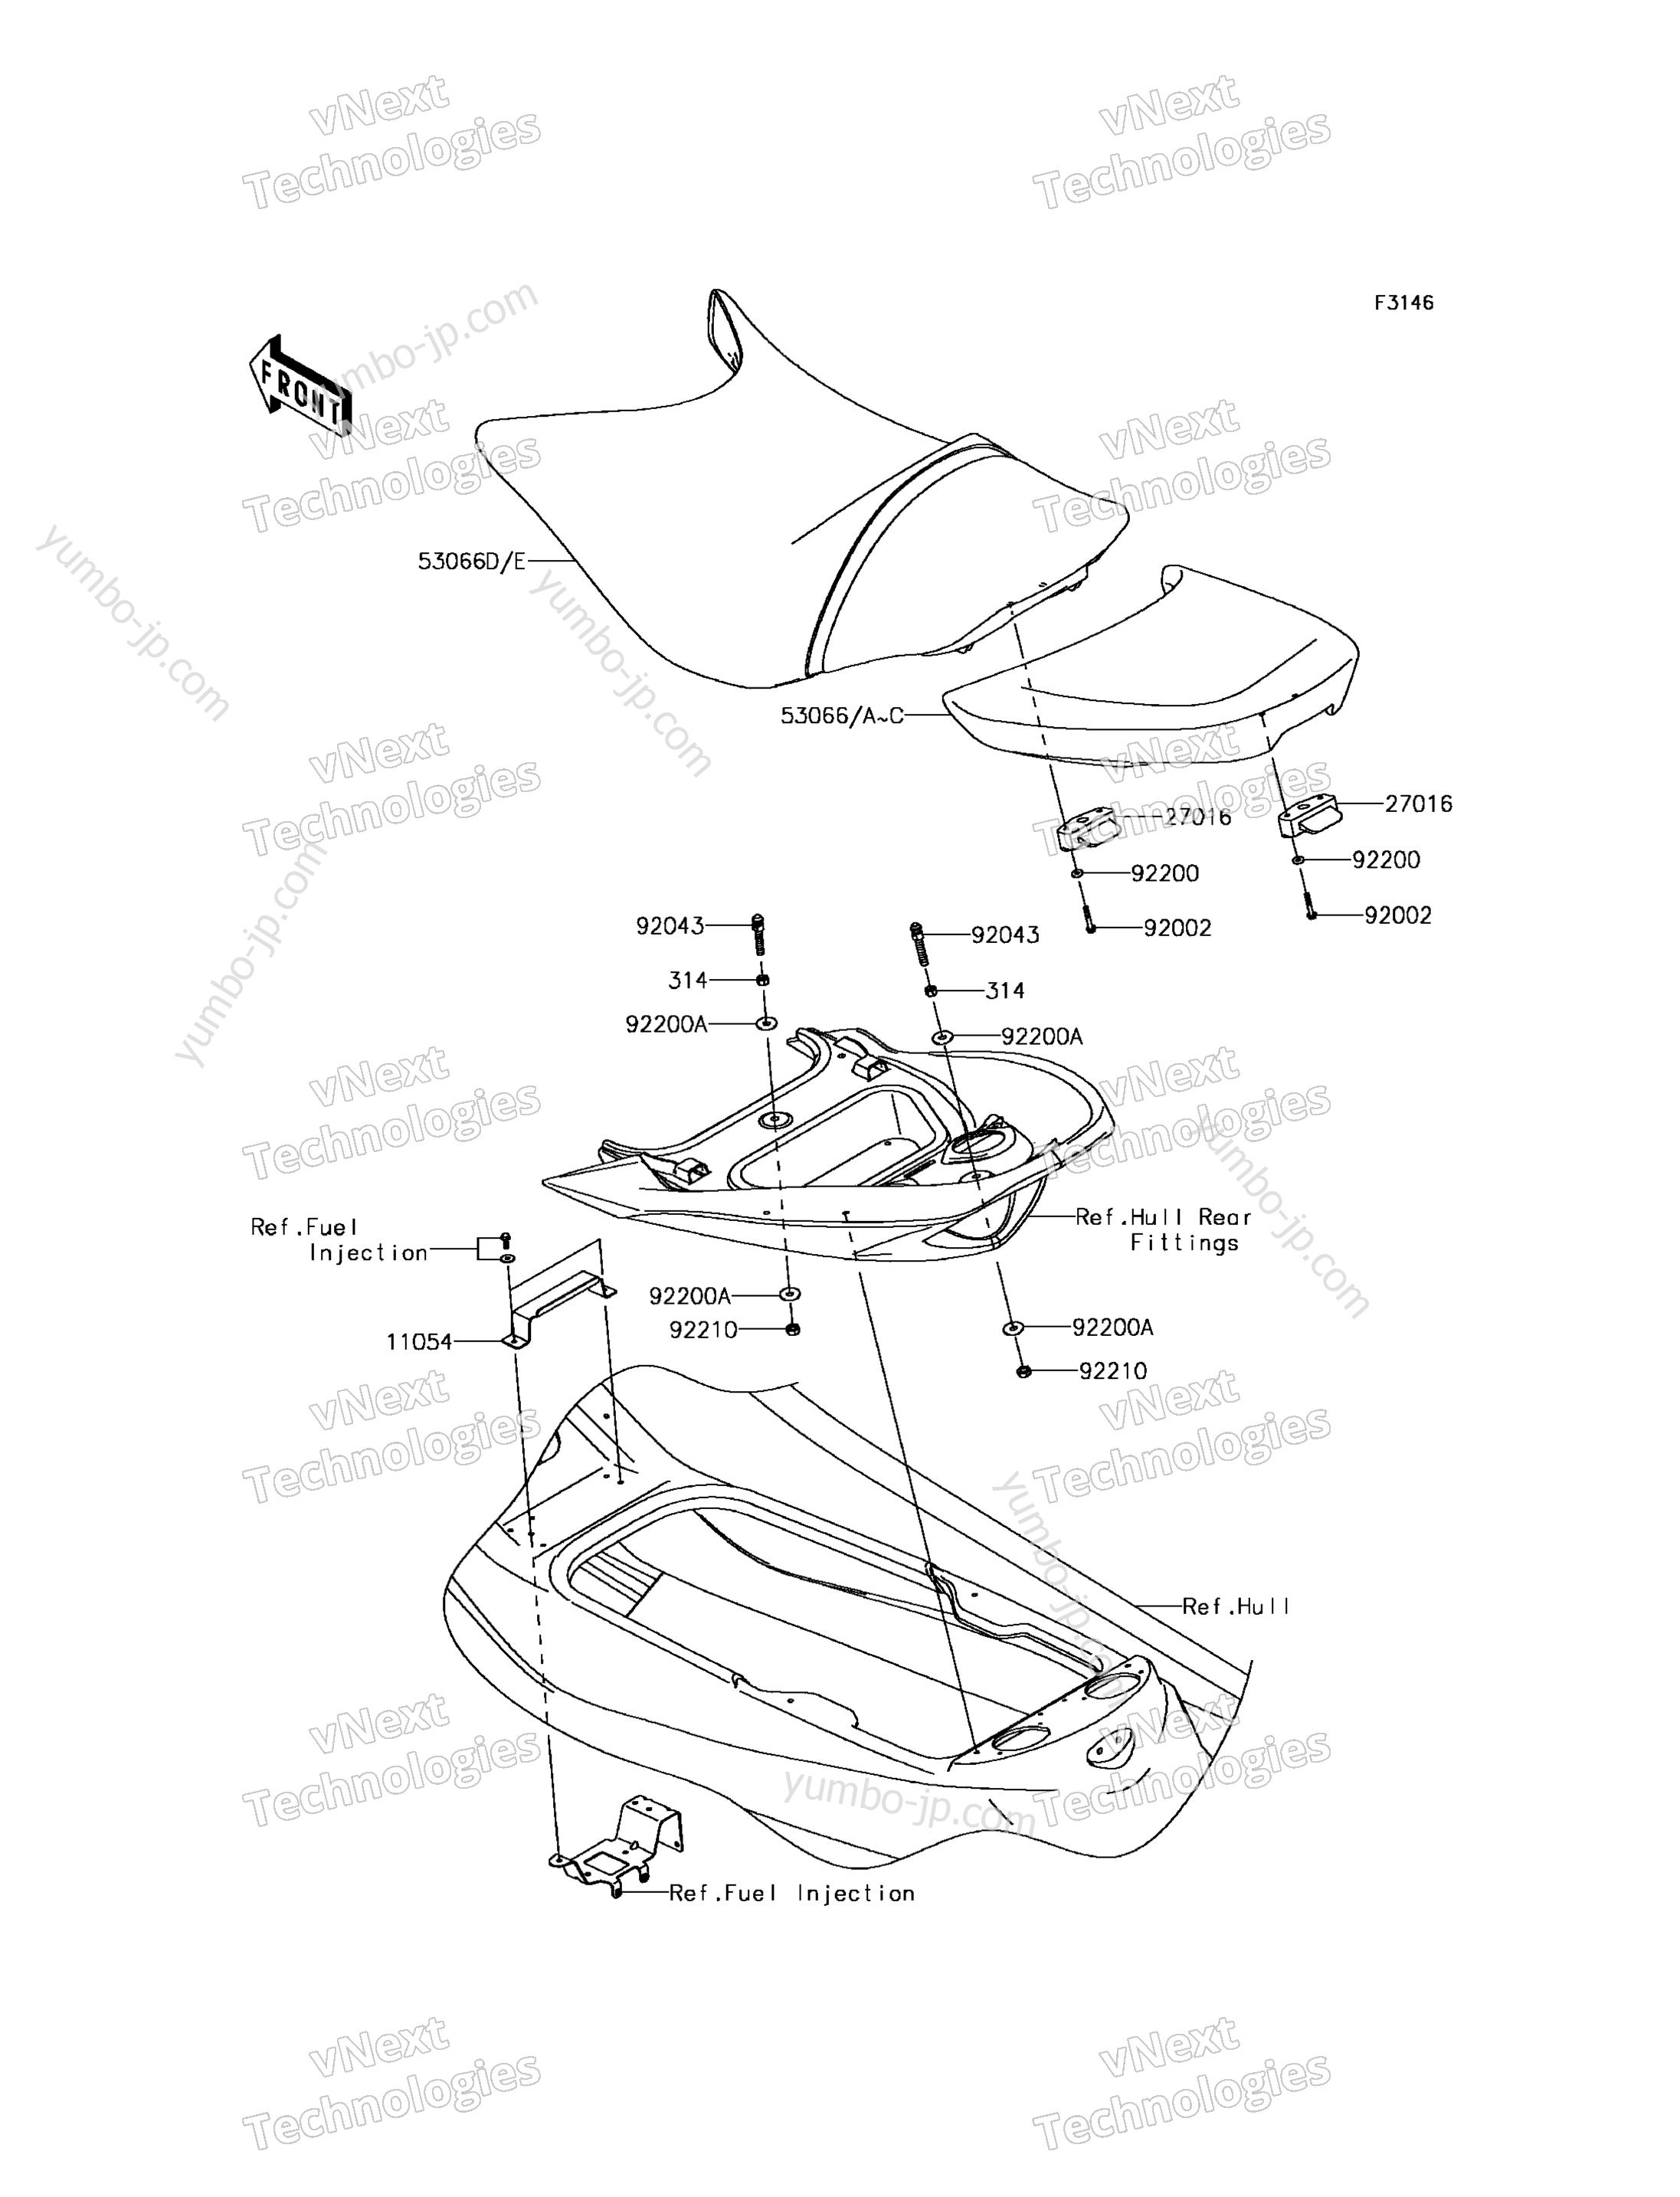 SEAT для гидроциклов KAWASAKI JET SKI ULTRA 310X (JT1500PGF) 2016 г.